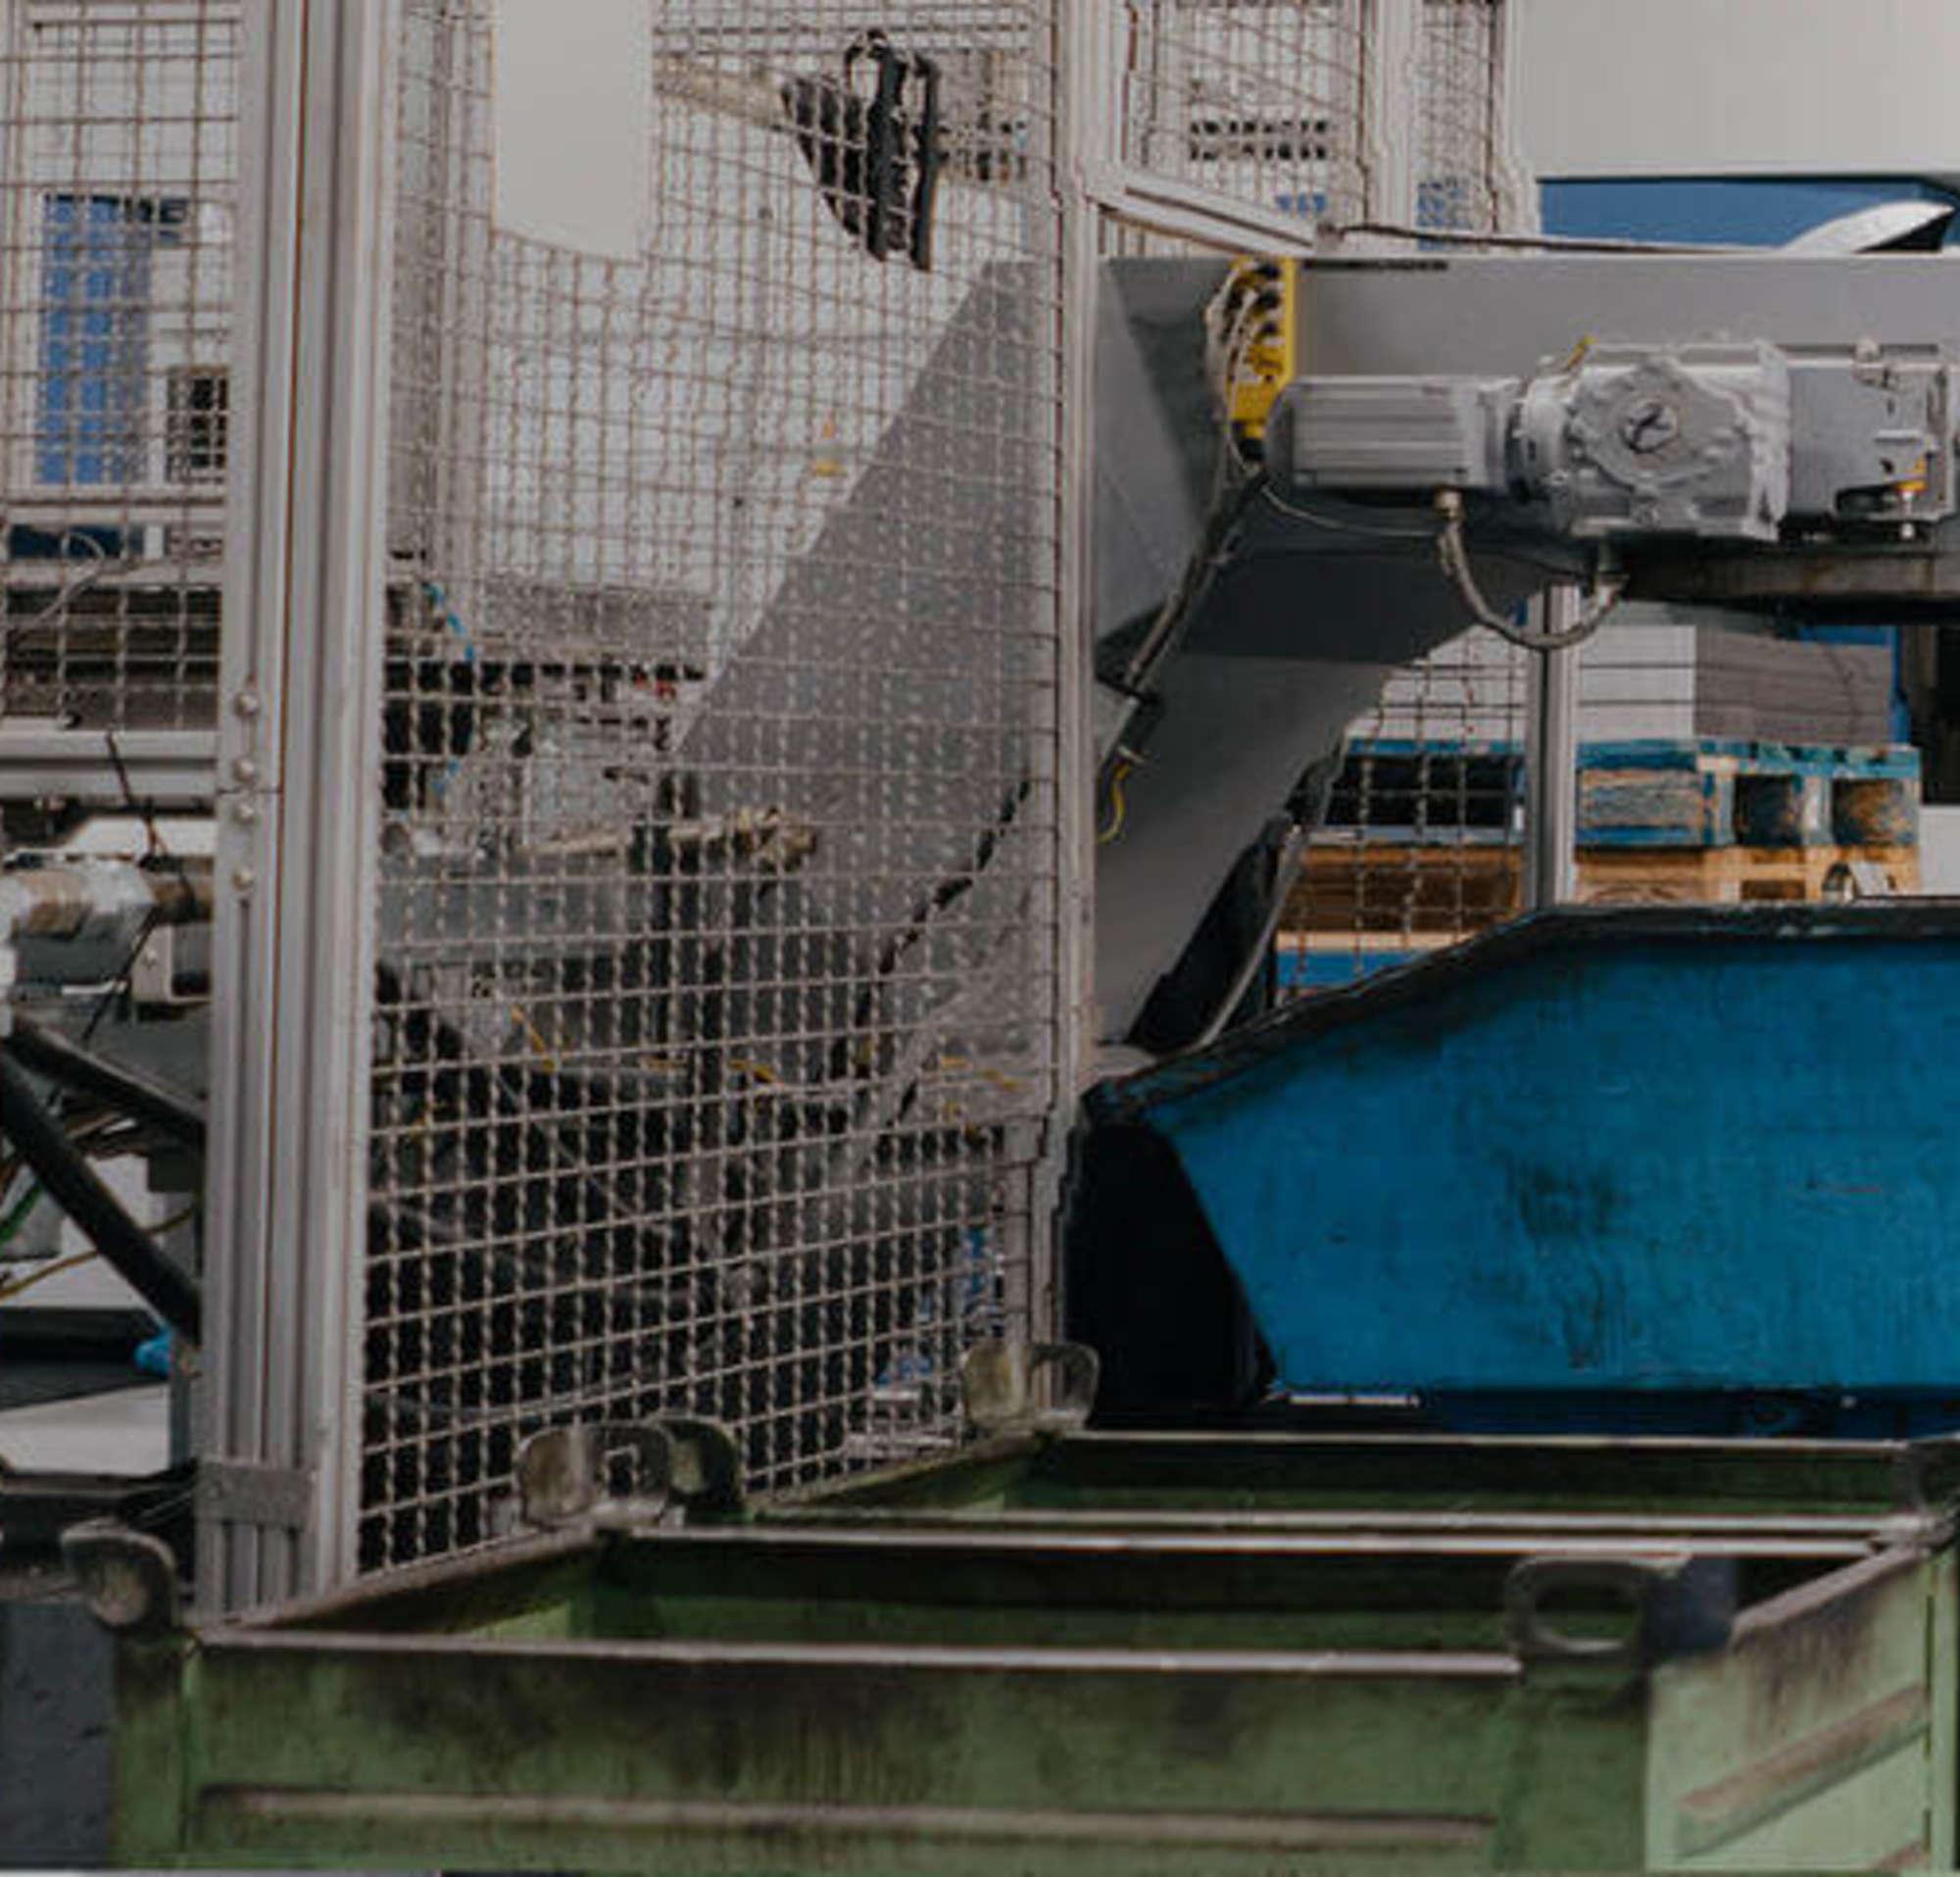 Ein Mann in einem Anzug, der mit einem Fabrikarbeiter durch eine Fabrik mit großen Maschinen geht.